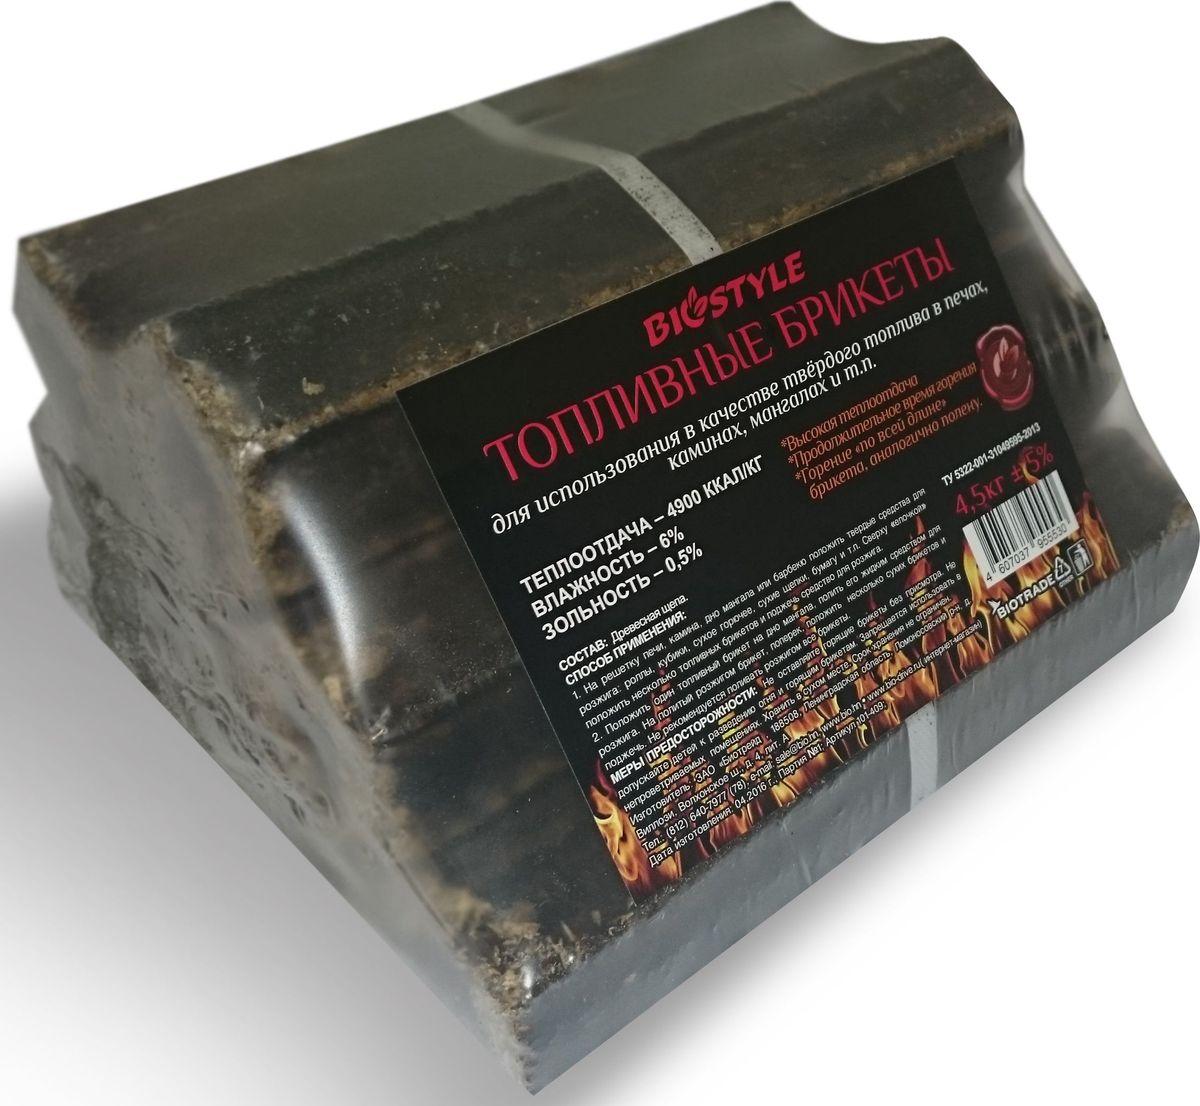 Брикеты для розжига Biostyle Piny Kay, топливные, 4,5 кг54 009312Твердые топливные брикеты Biostyle Piny Kay имеют форму неправильного многогранника с отверстием внутри. Эти превосходные современные дрова произведены путем прессования сухой измельченной древесины под высоким давлением и при высокой температуре. Они имеют максимальную продолжительность горения и теплоту сгорания. Такие топливные брикеты более стойки к механическим воздействиям и повышенной влажности. Евродрова этого типа горят красивым ровным пламенем и являются отличной заменой березовым дровам. Поэтому рекомендуем использовать их в каминах.Теплоотдача: 4900 ккал/кг.Влажность: 6 %.Зольность: 0,5 %.Состав: древесная щепа.